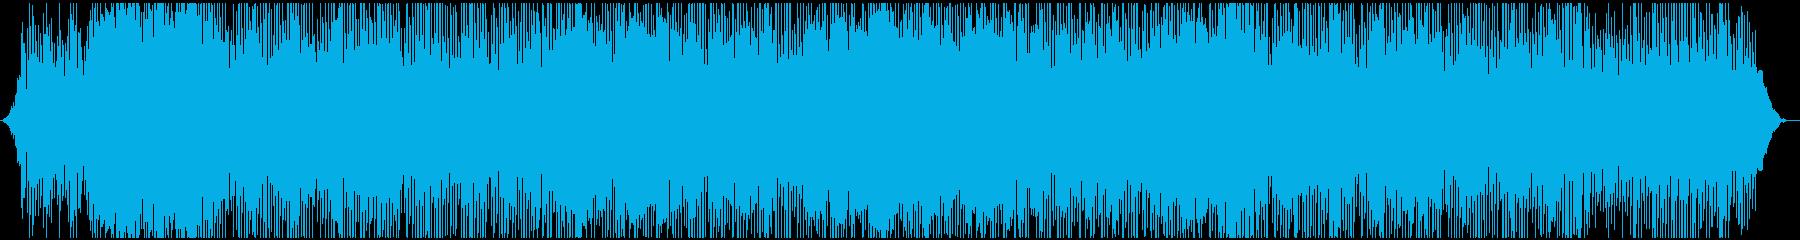 ポップ テクノ アンビエント アク...の再生済みの波形